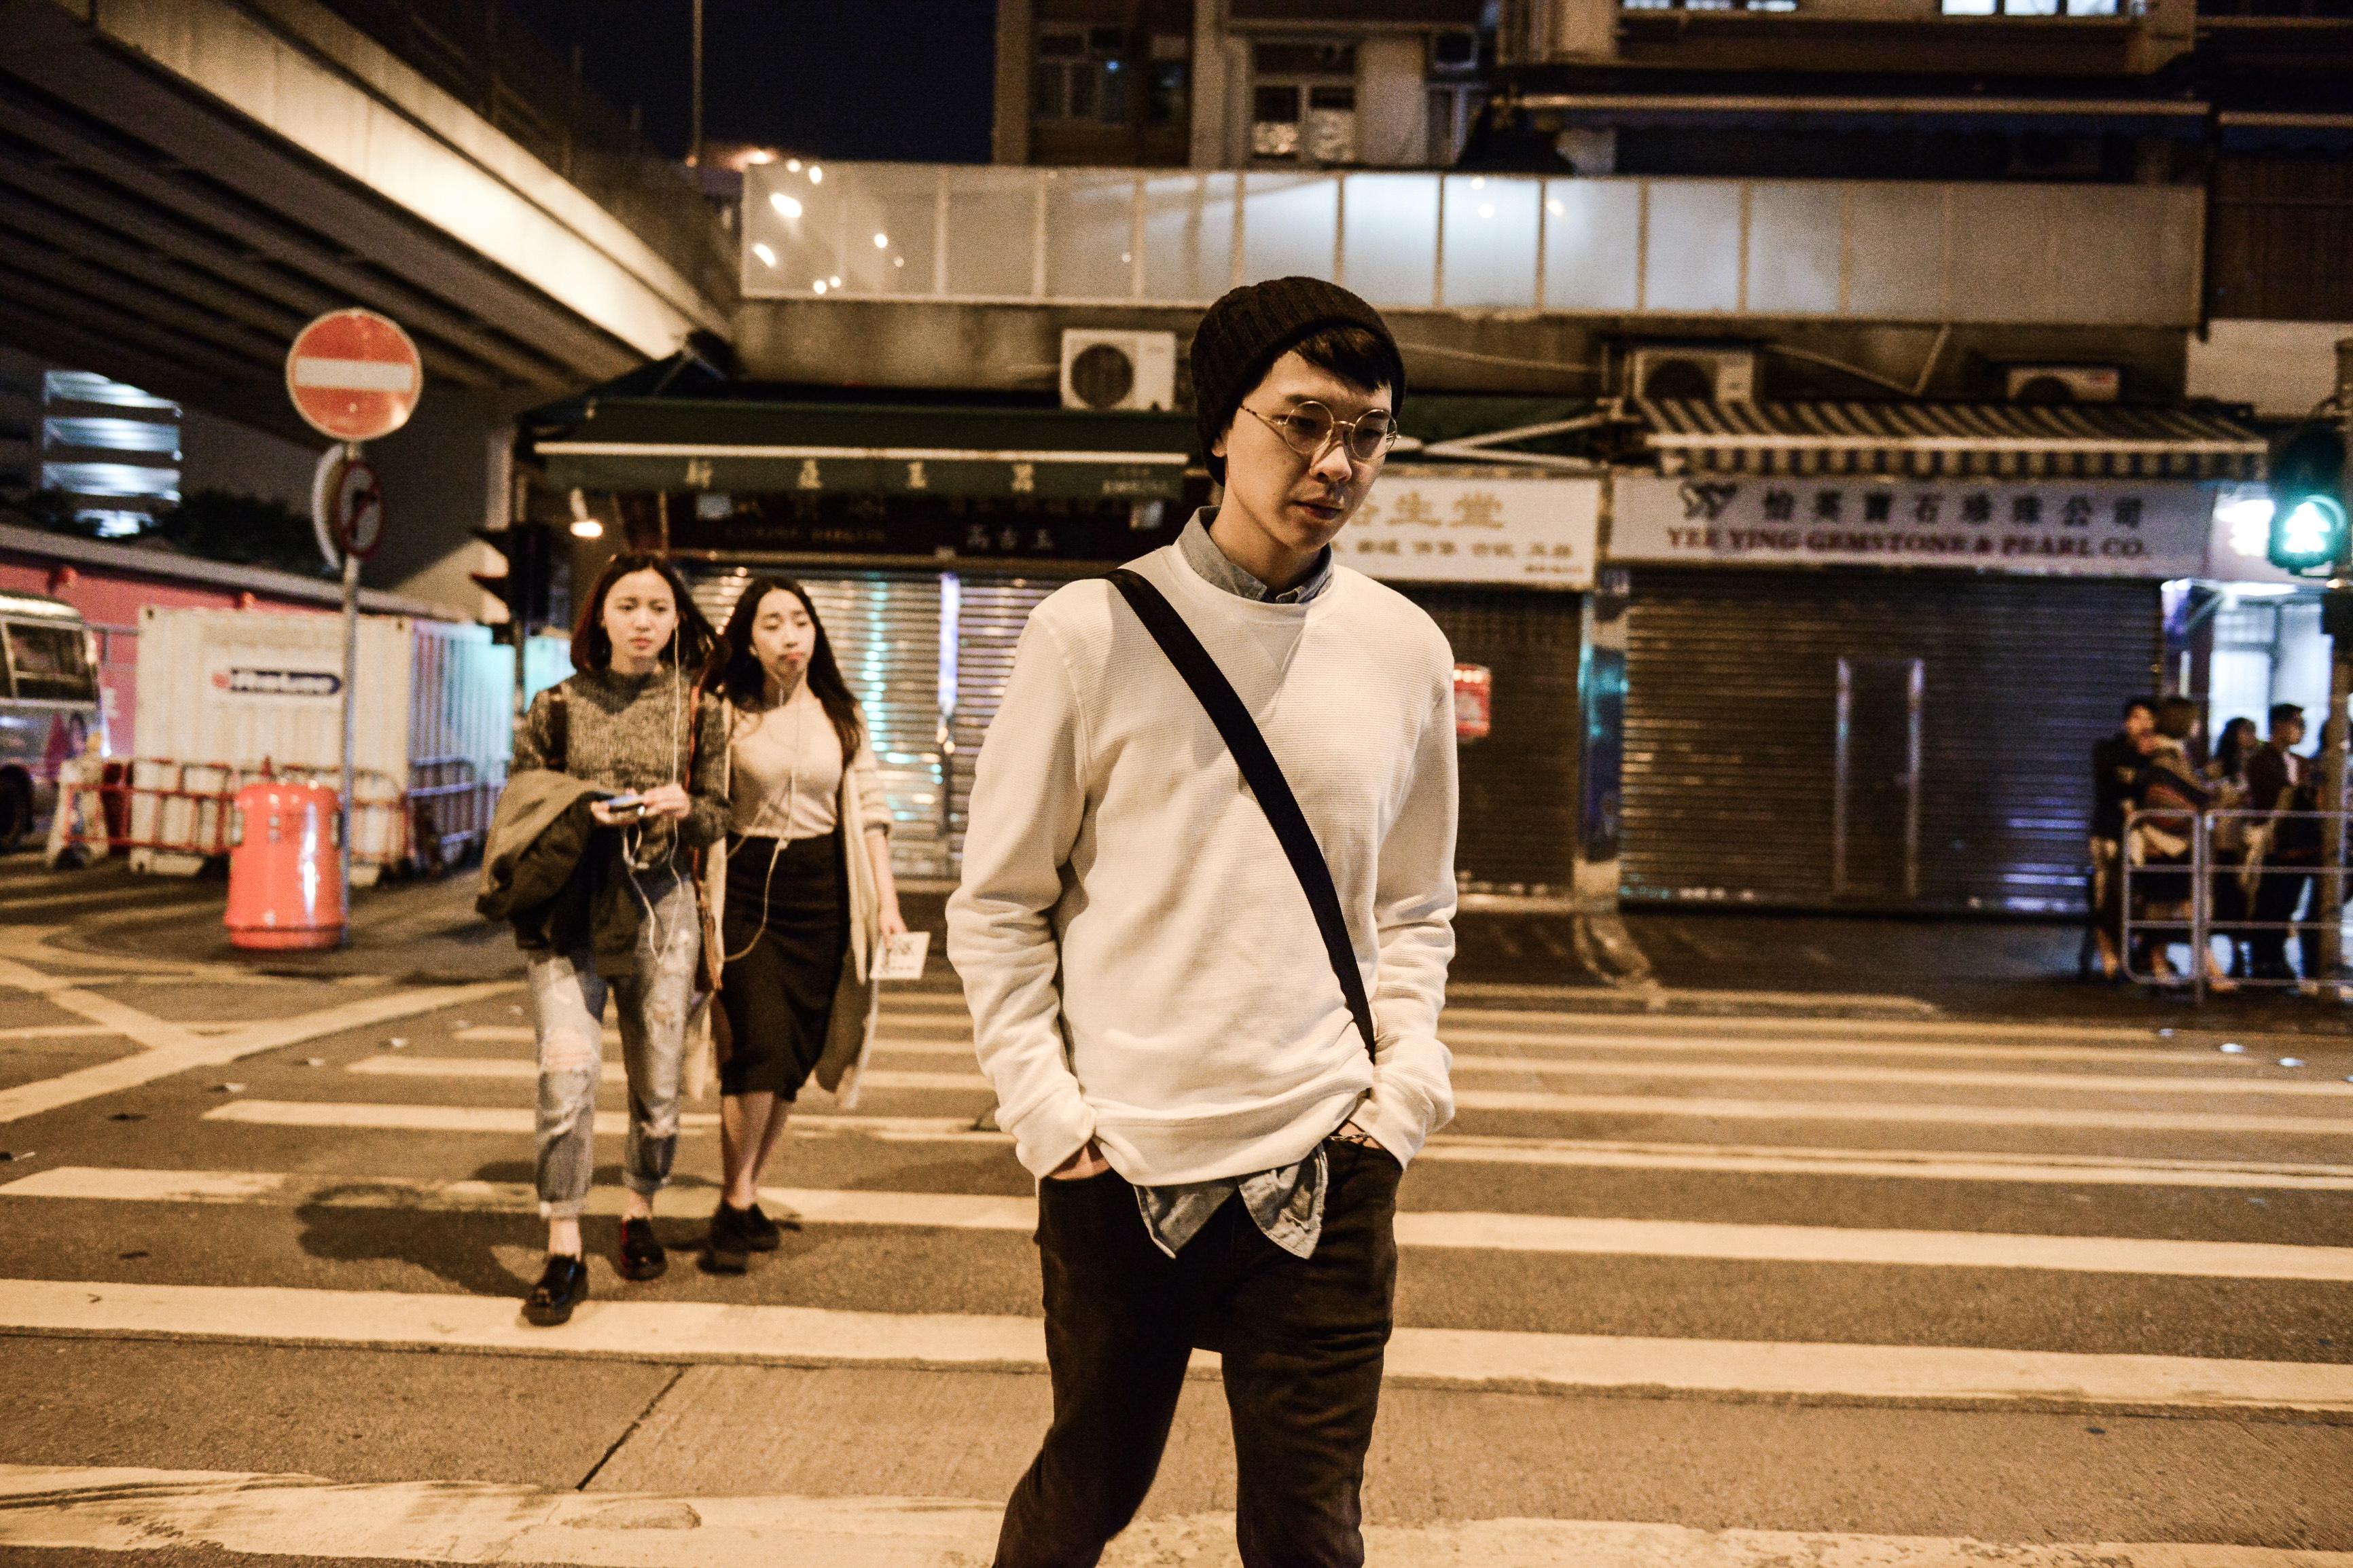 《消失的海岸線》/人物:吳景隆/類別:《消失的海岸線》、演出/攝影:Fung Wai Sun/(天台製作 • 香港專業劇團)